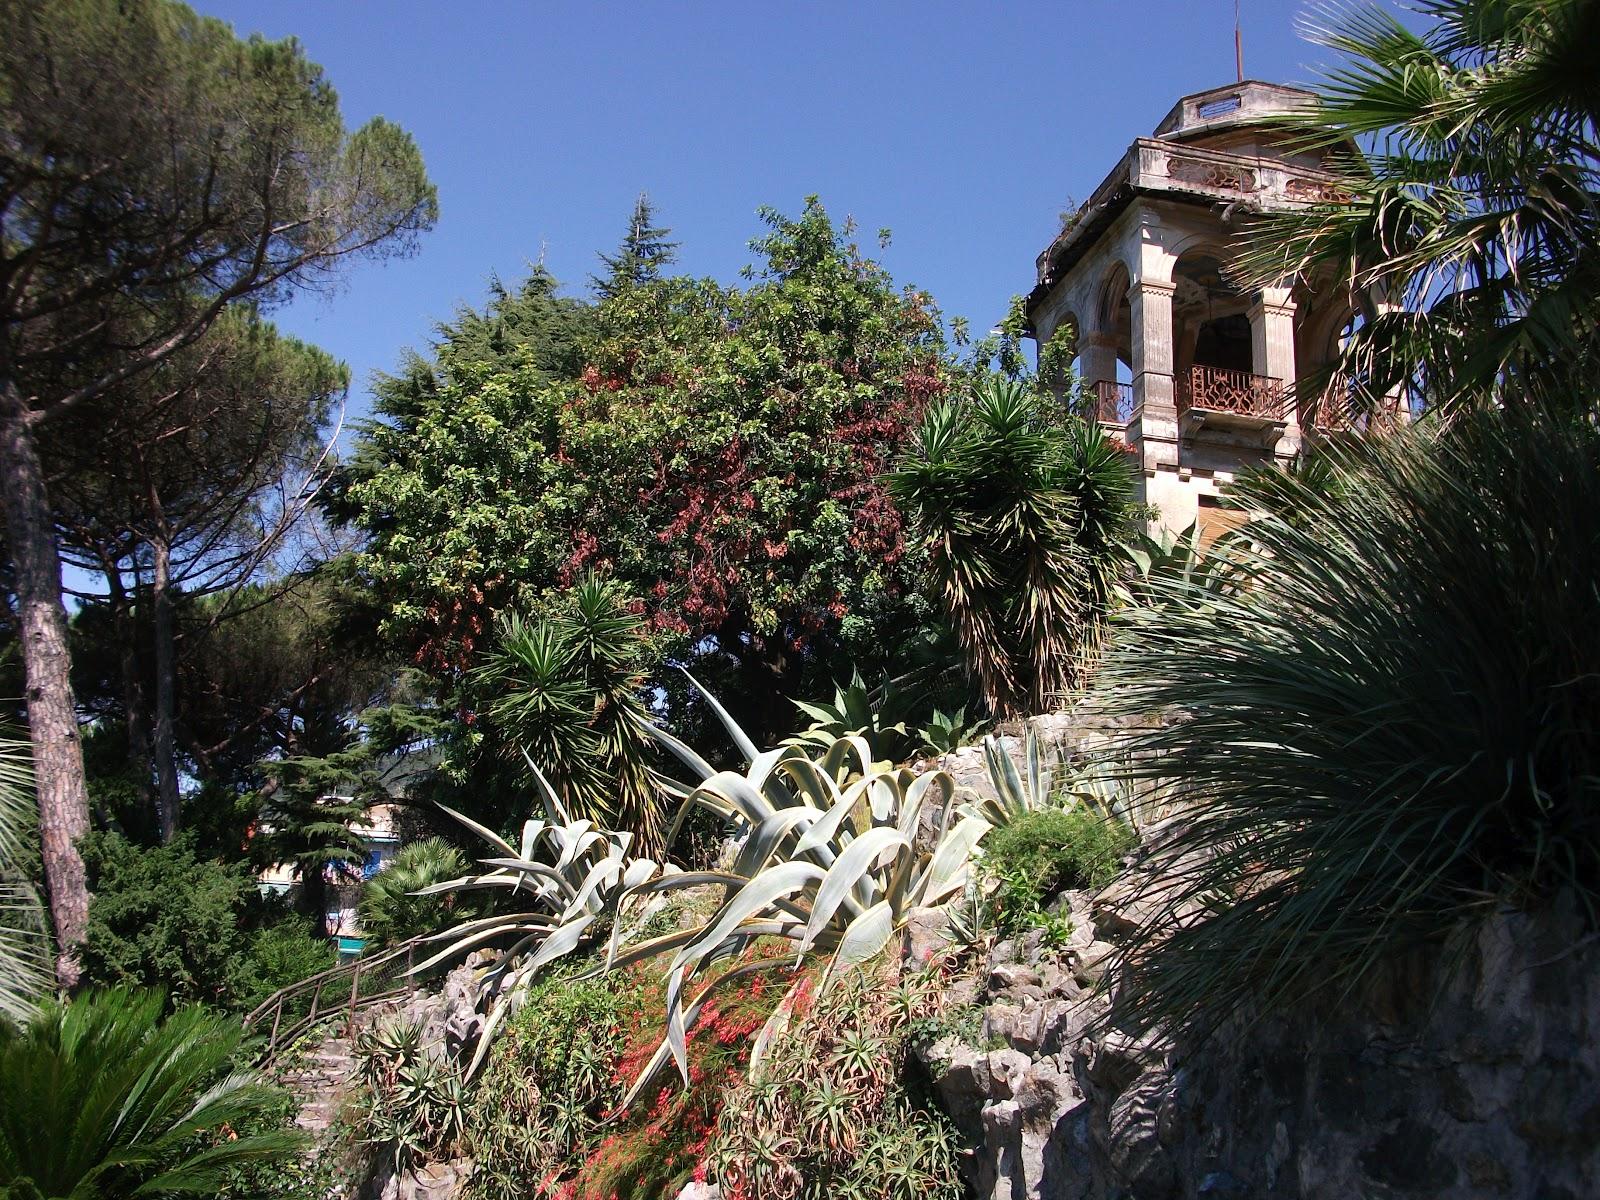 mirtillo14 camminando parco di villa rocca a chiavari. Black Bedroom Furniture Sets. Home Design Ideas